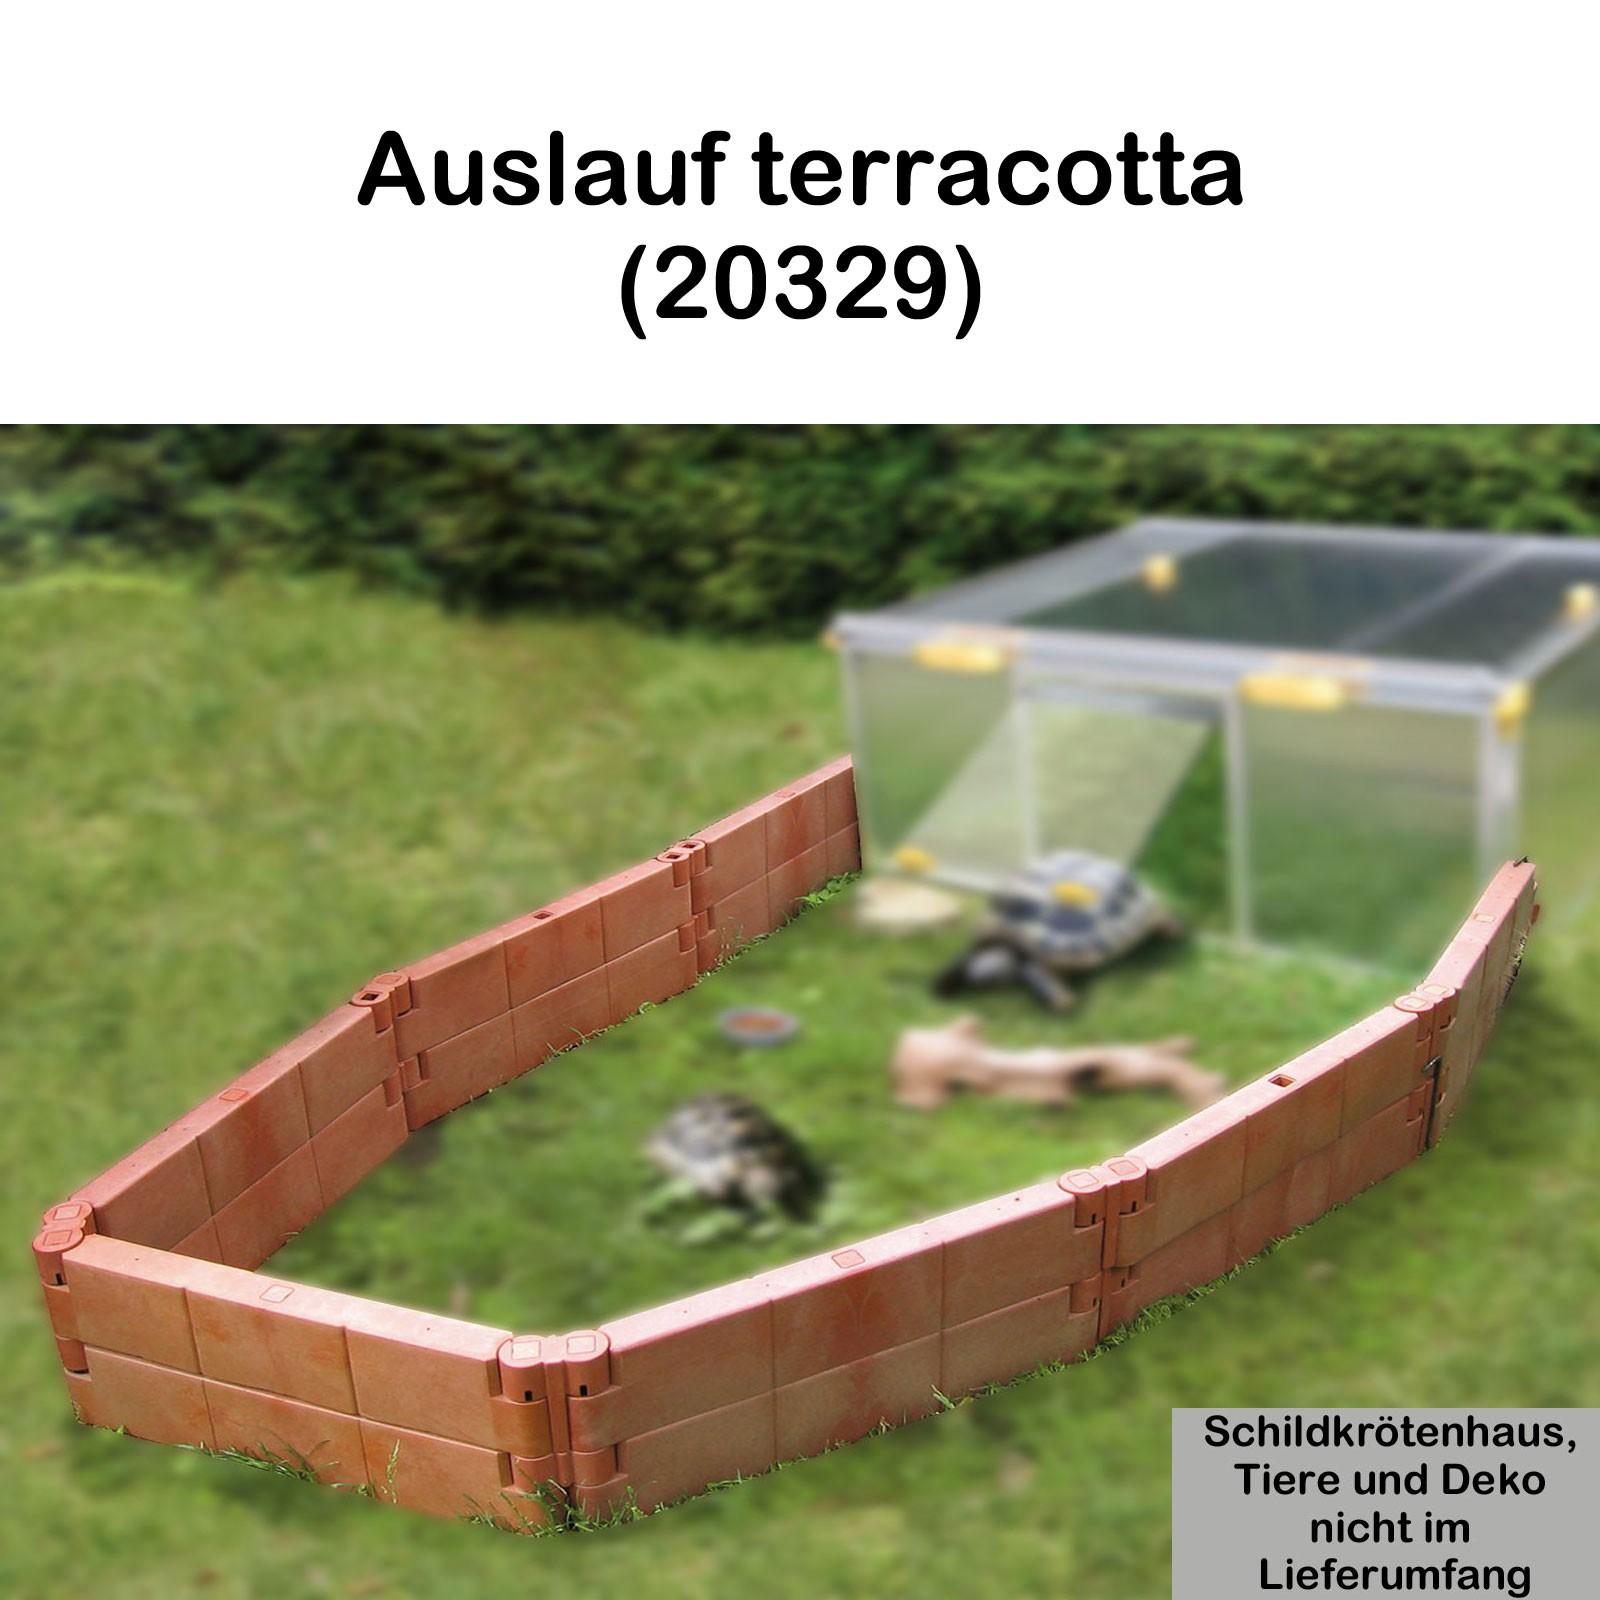 Juwel Schildkrötenhaus PAULA m./o. Zubehör Anbausatz Freigehege 20329